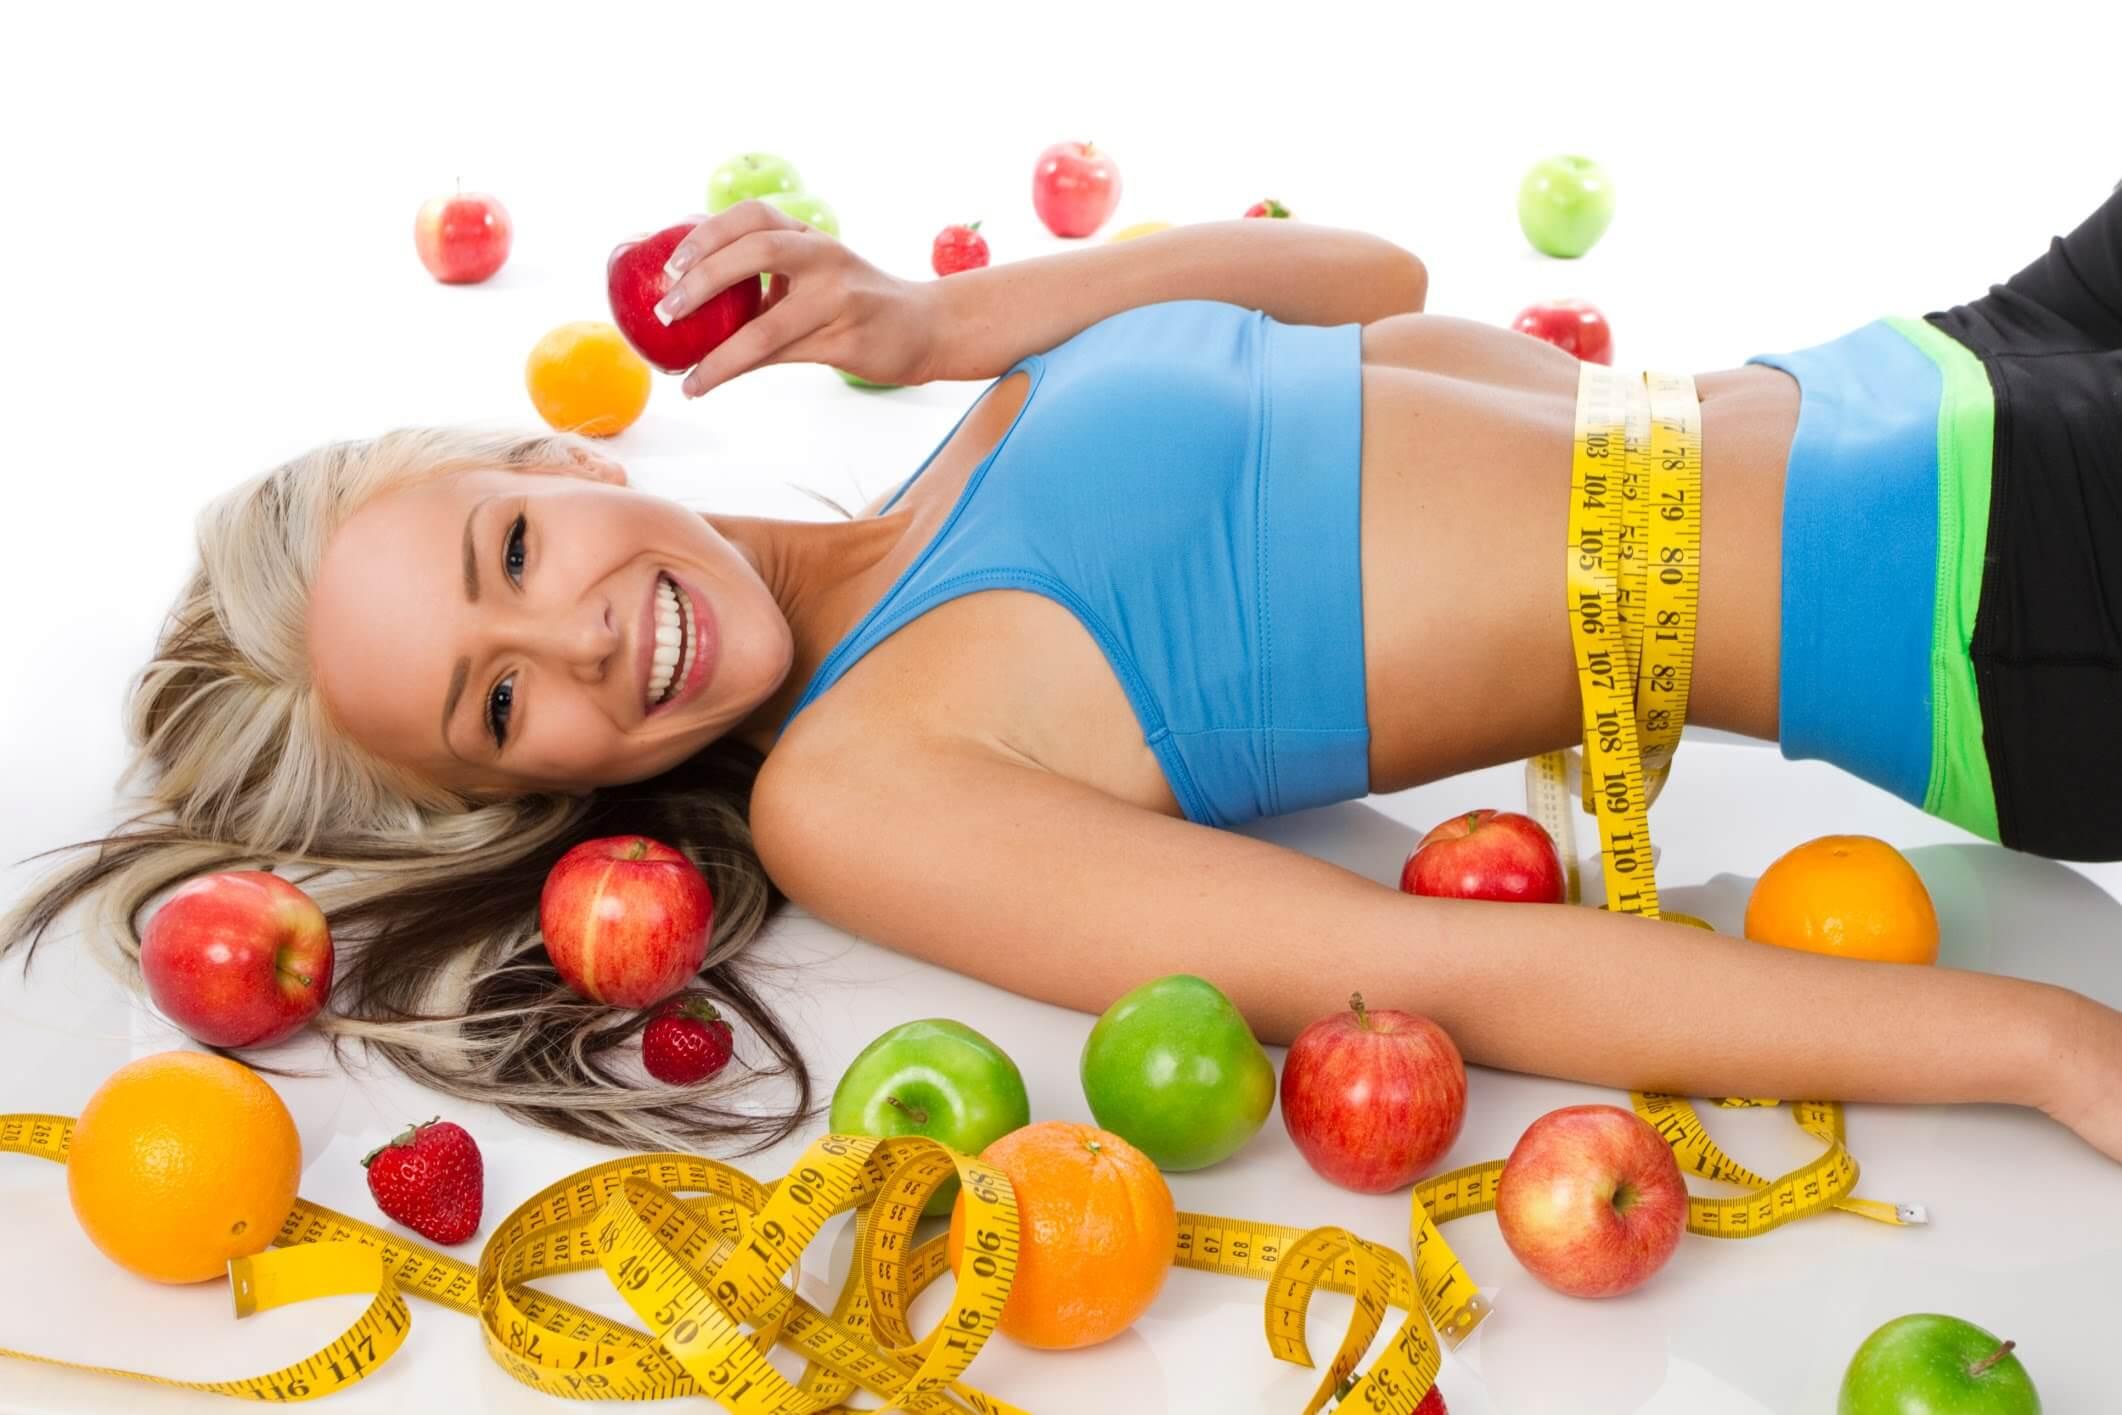 Диете Во Время Спорта. ТОП-5 спортивного питания для похудения